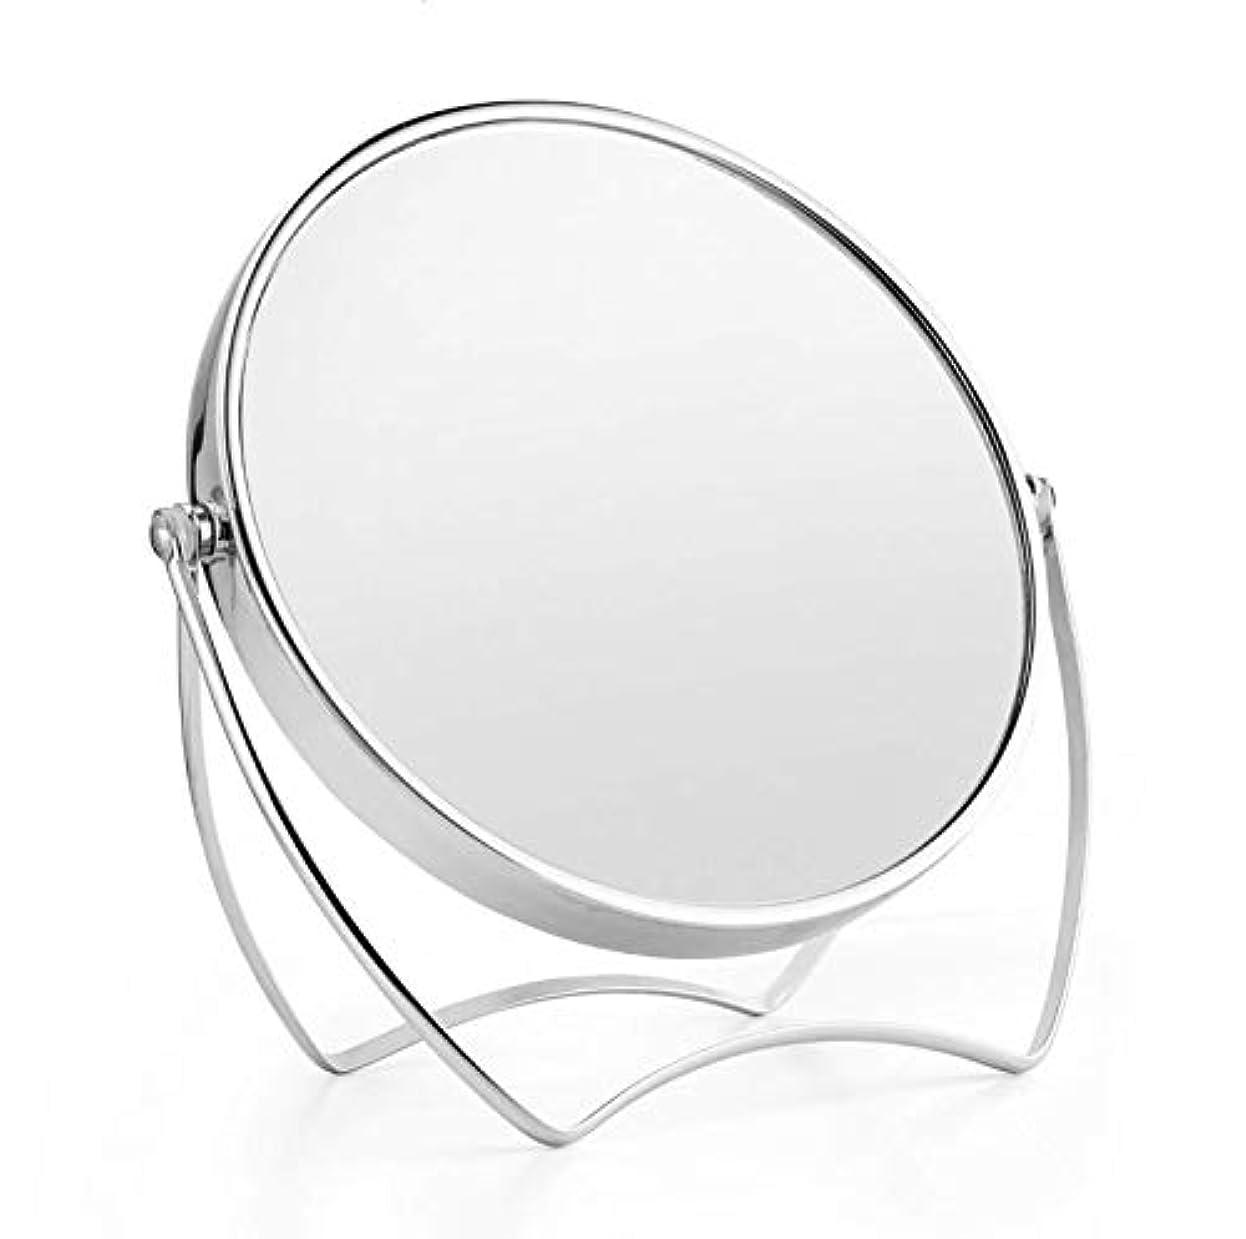 ミュート租界彼らは1倍/3倍拡大鏡化粧鏡 メイクミラー 両面化粧鏡 ラウンドミラー 女優ミラー スタンドミラー 卓上鏡 360°回転ブラケット メタルフレームバニティミラー 寝室や浴室に適しています(15cm)